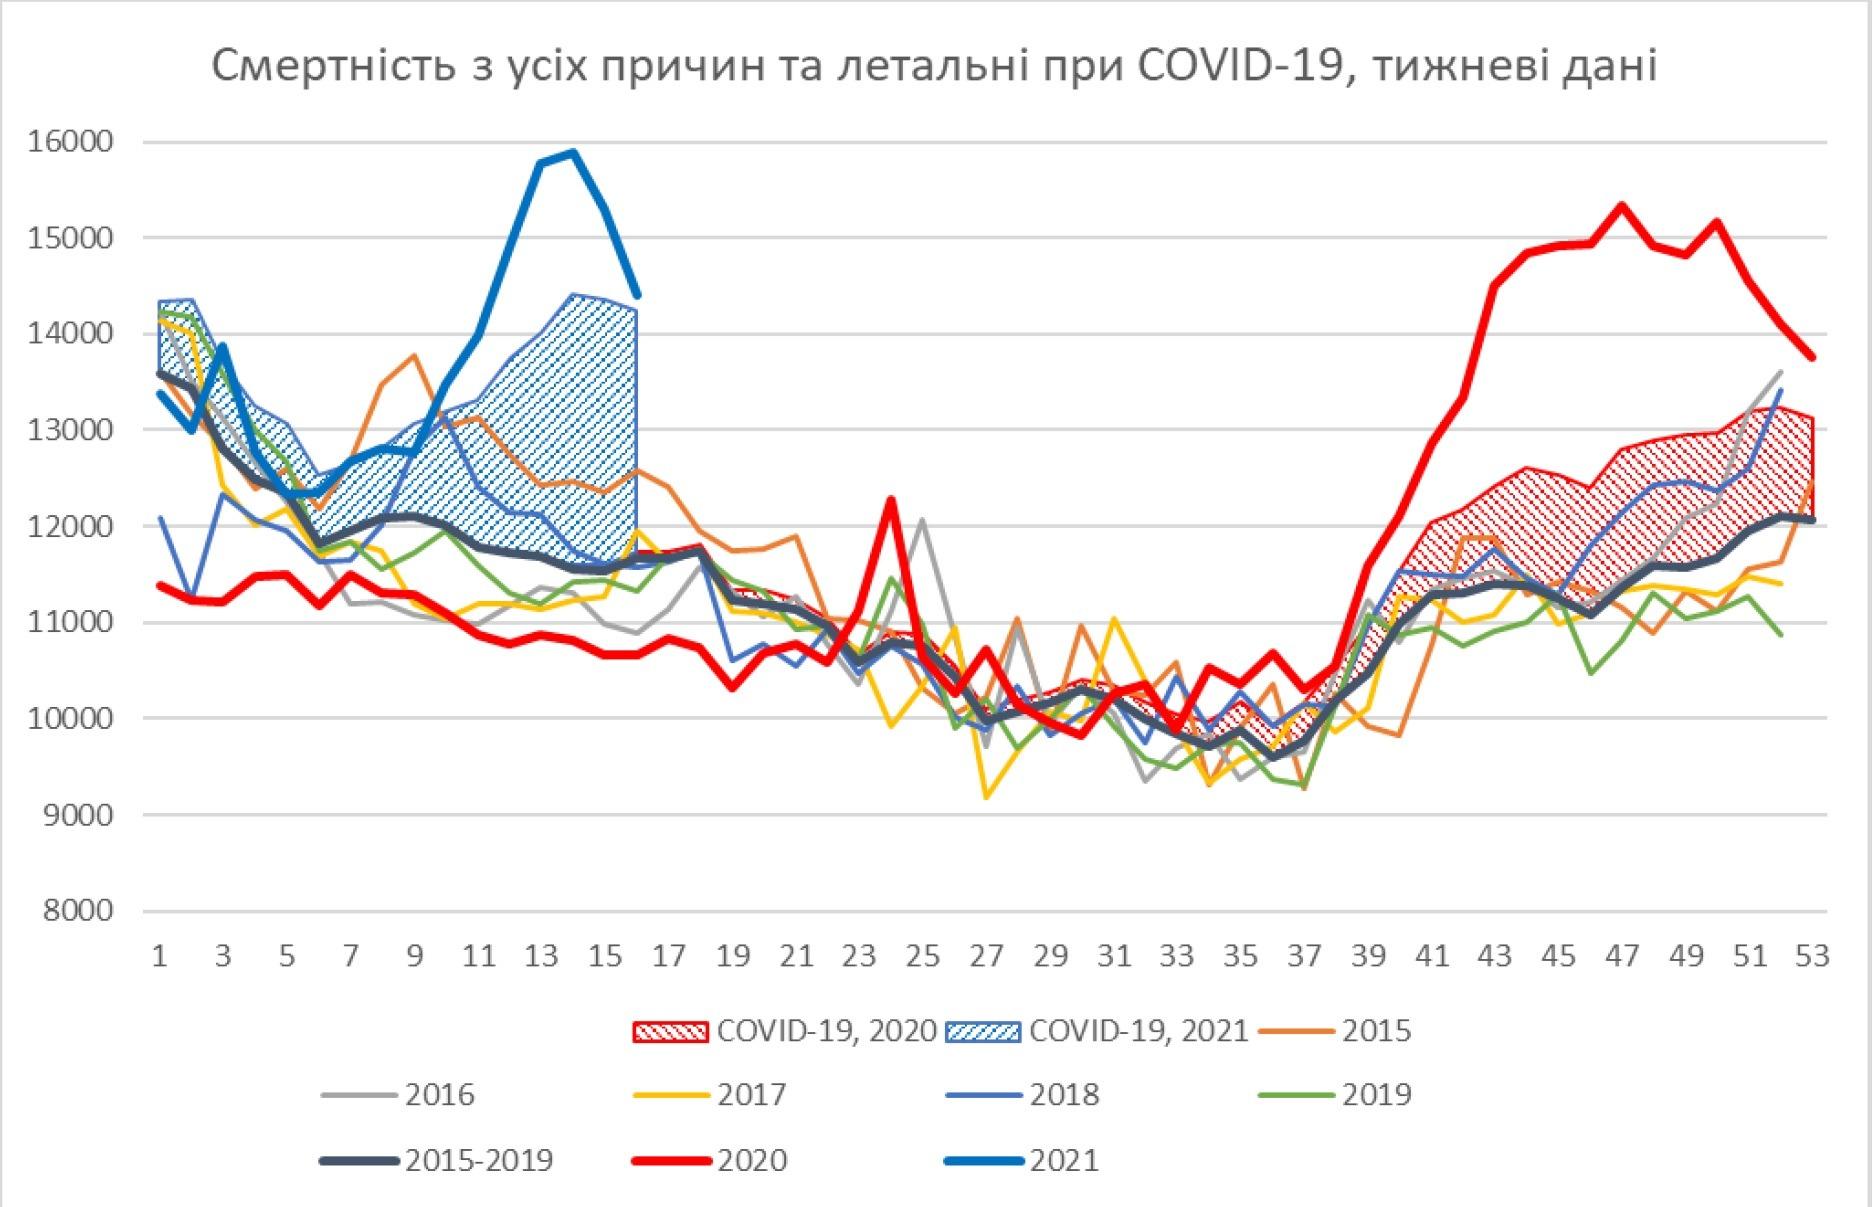 Ученые назвали реальную летальность от COVID в Украине в 2020 году. Она выше втрое